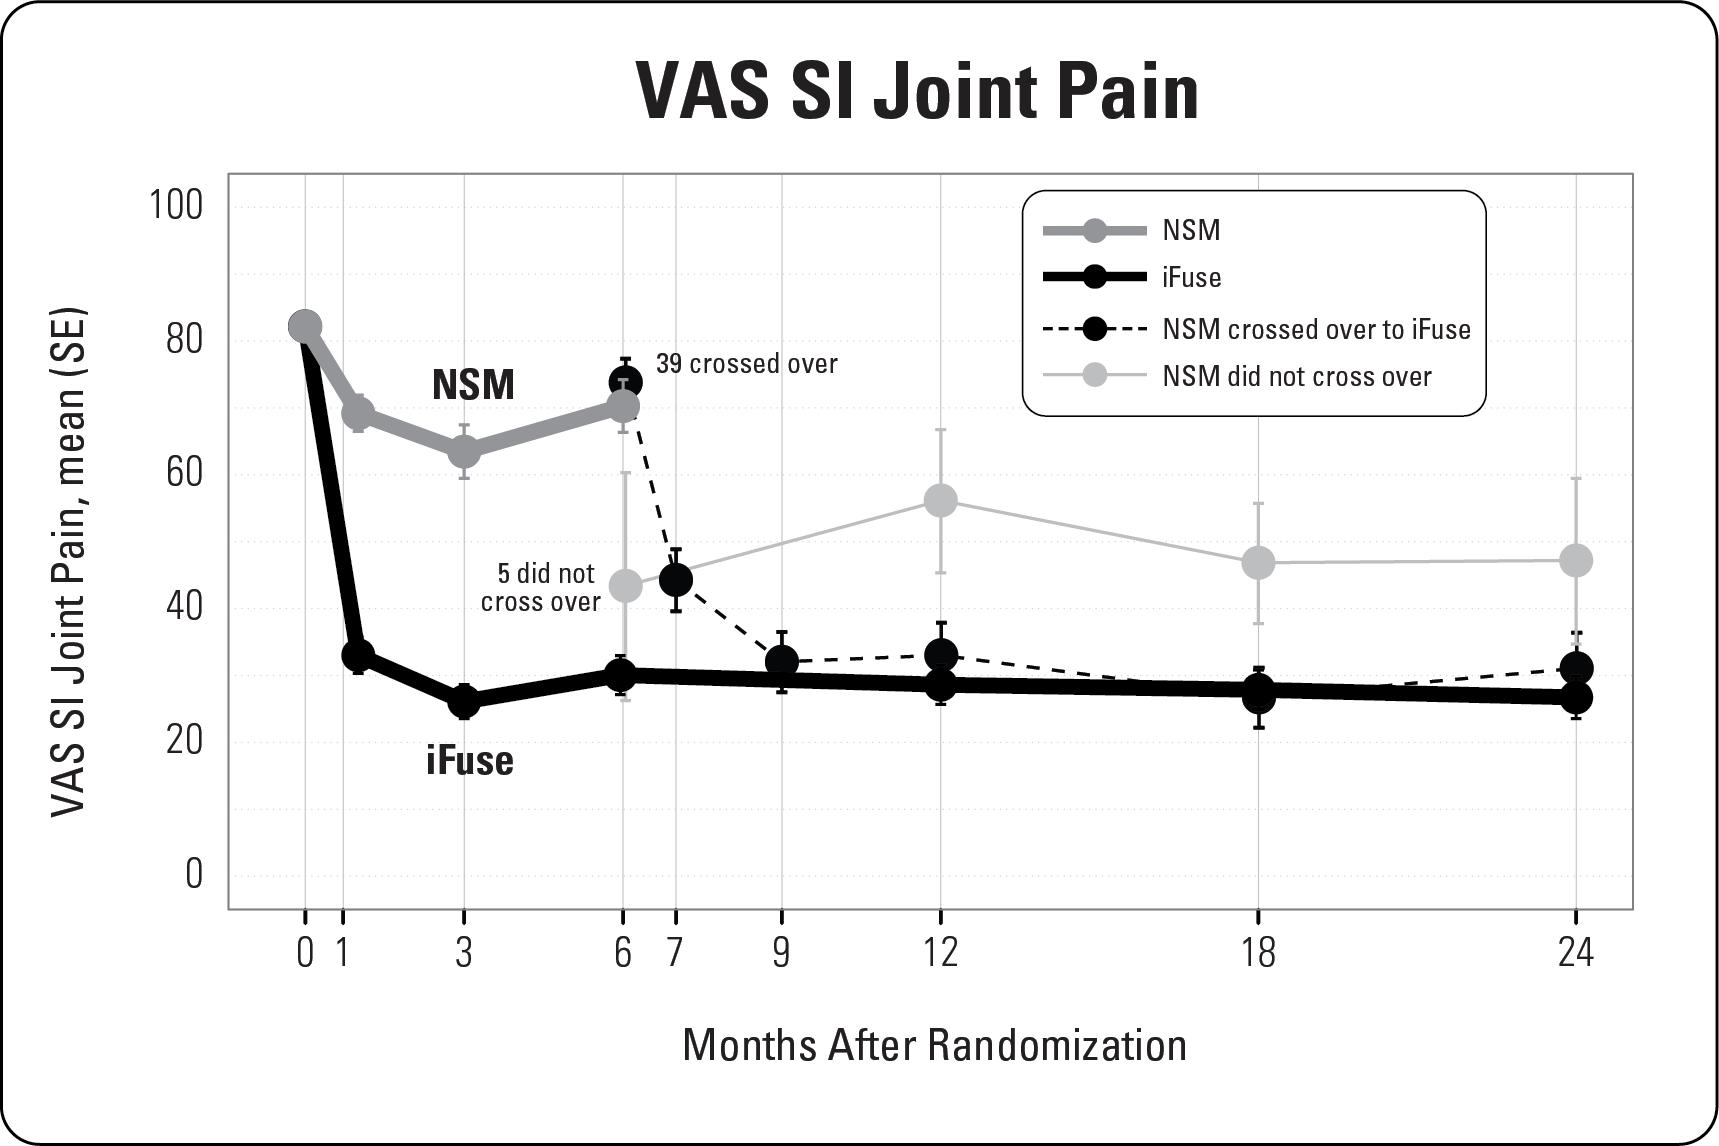 VAS SI Joint Pain chart